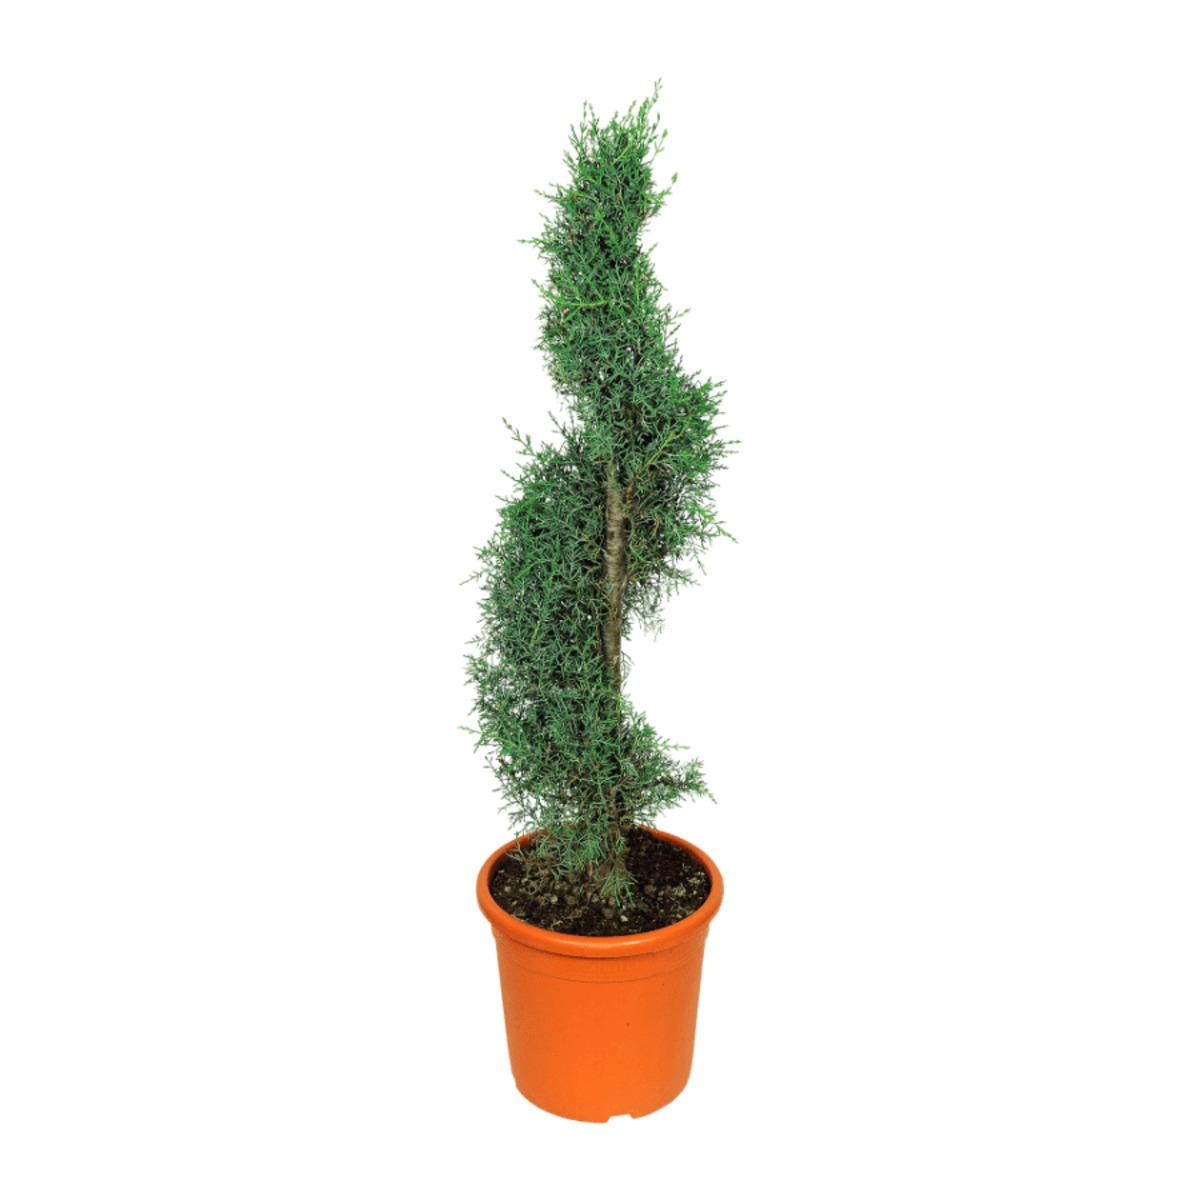 Bild 2 von GARDEN FEELINGS     Pflanze in Formschnitt